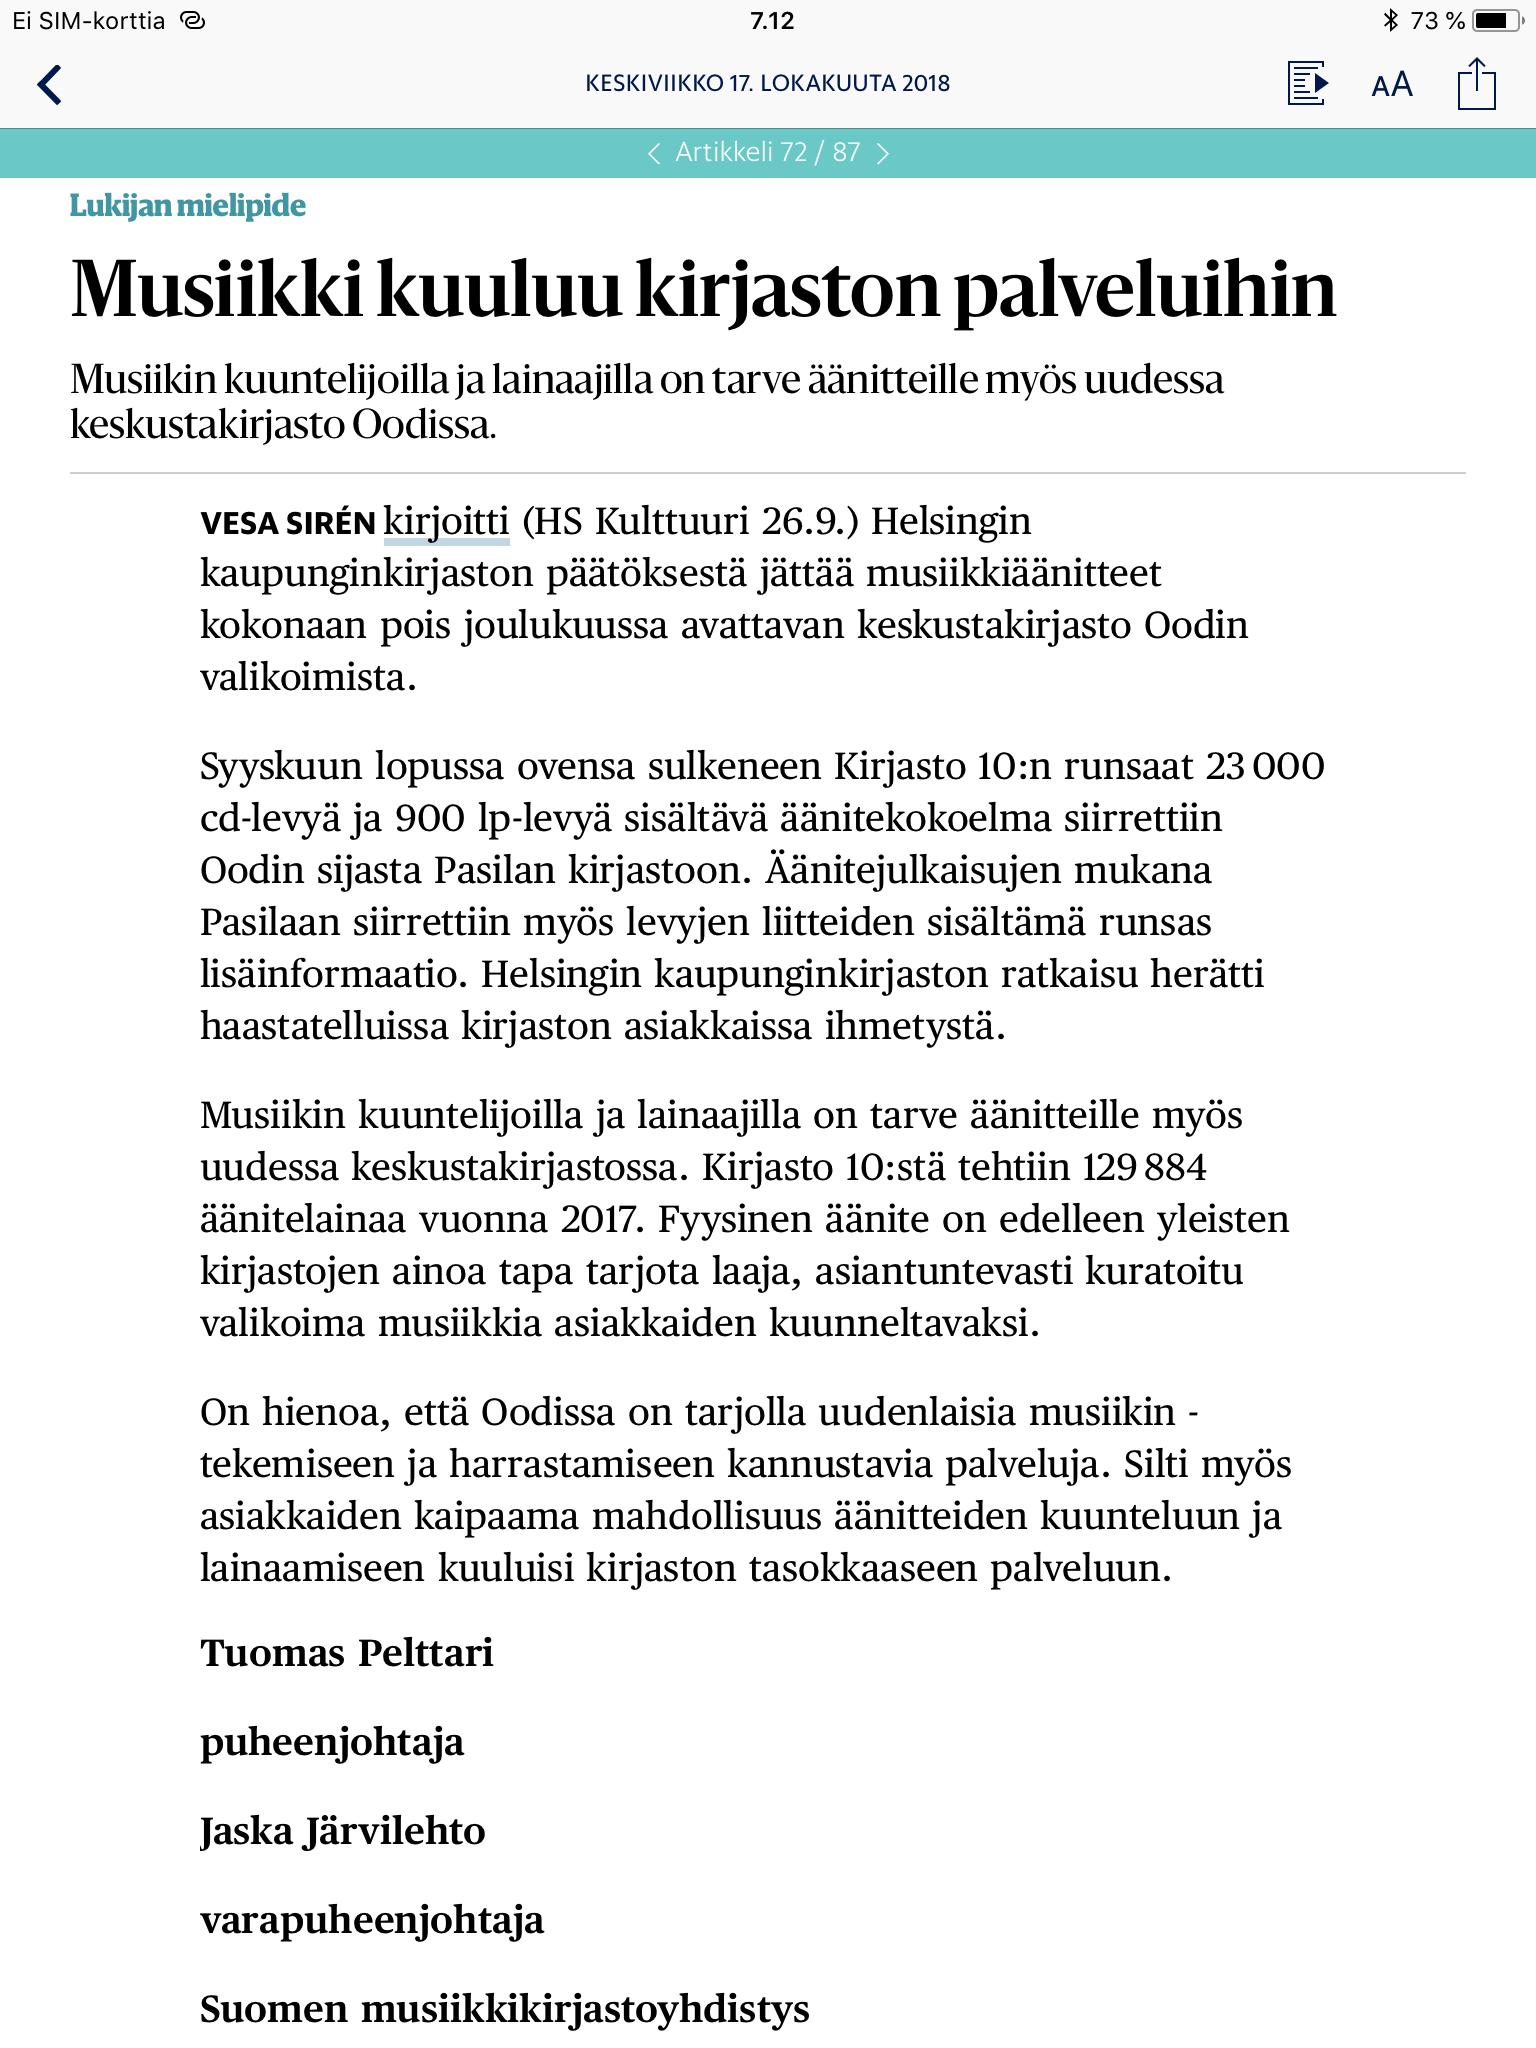 Musiikki kuuluu kirjaston palveluihin, HS 17.10.2018.